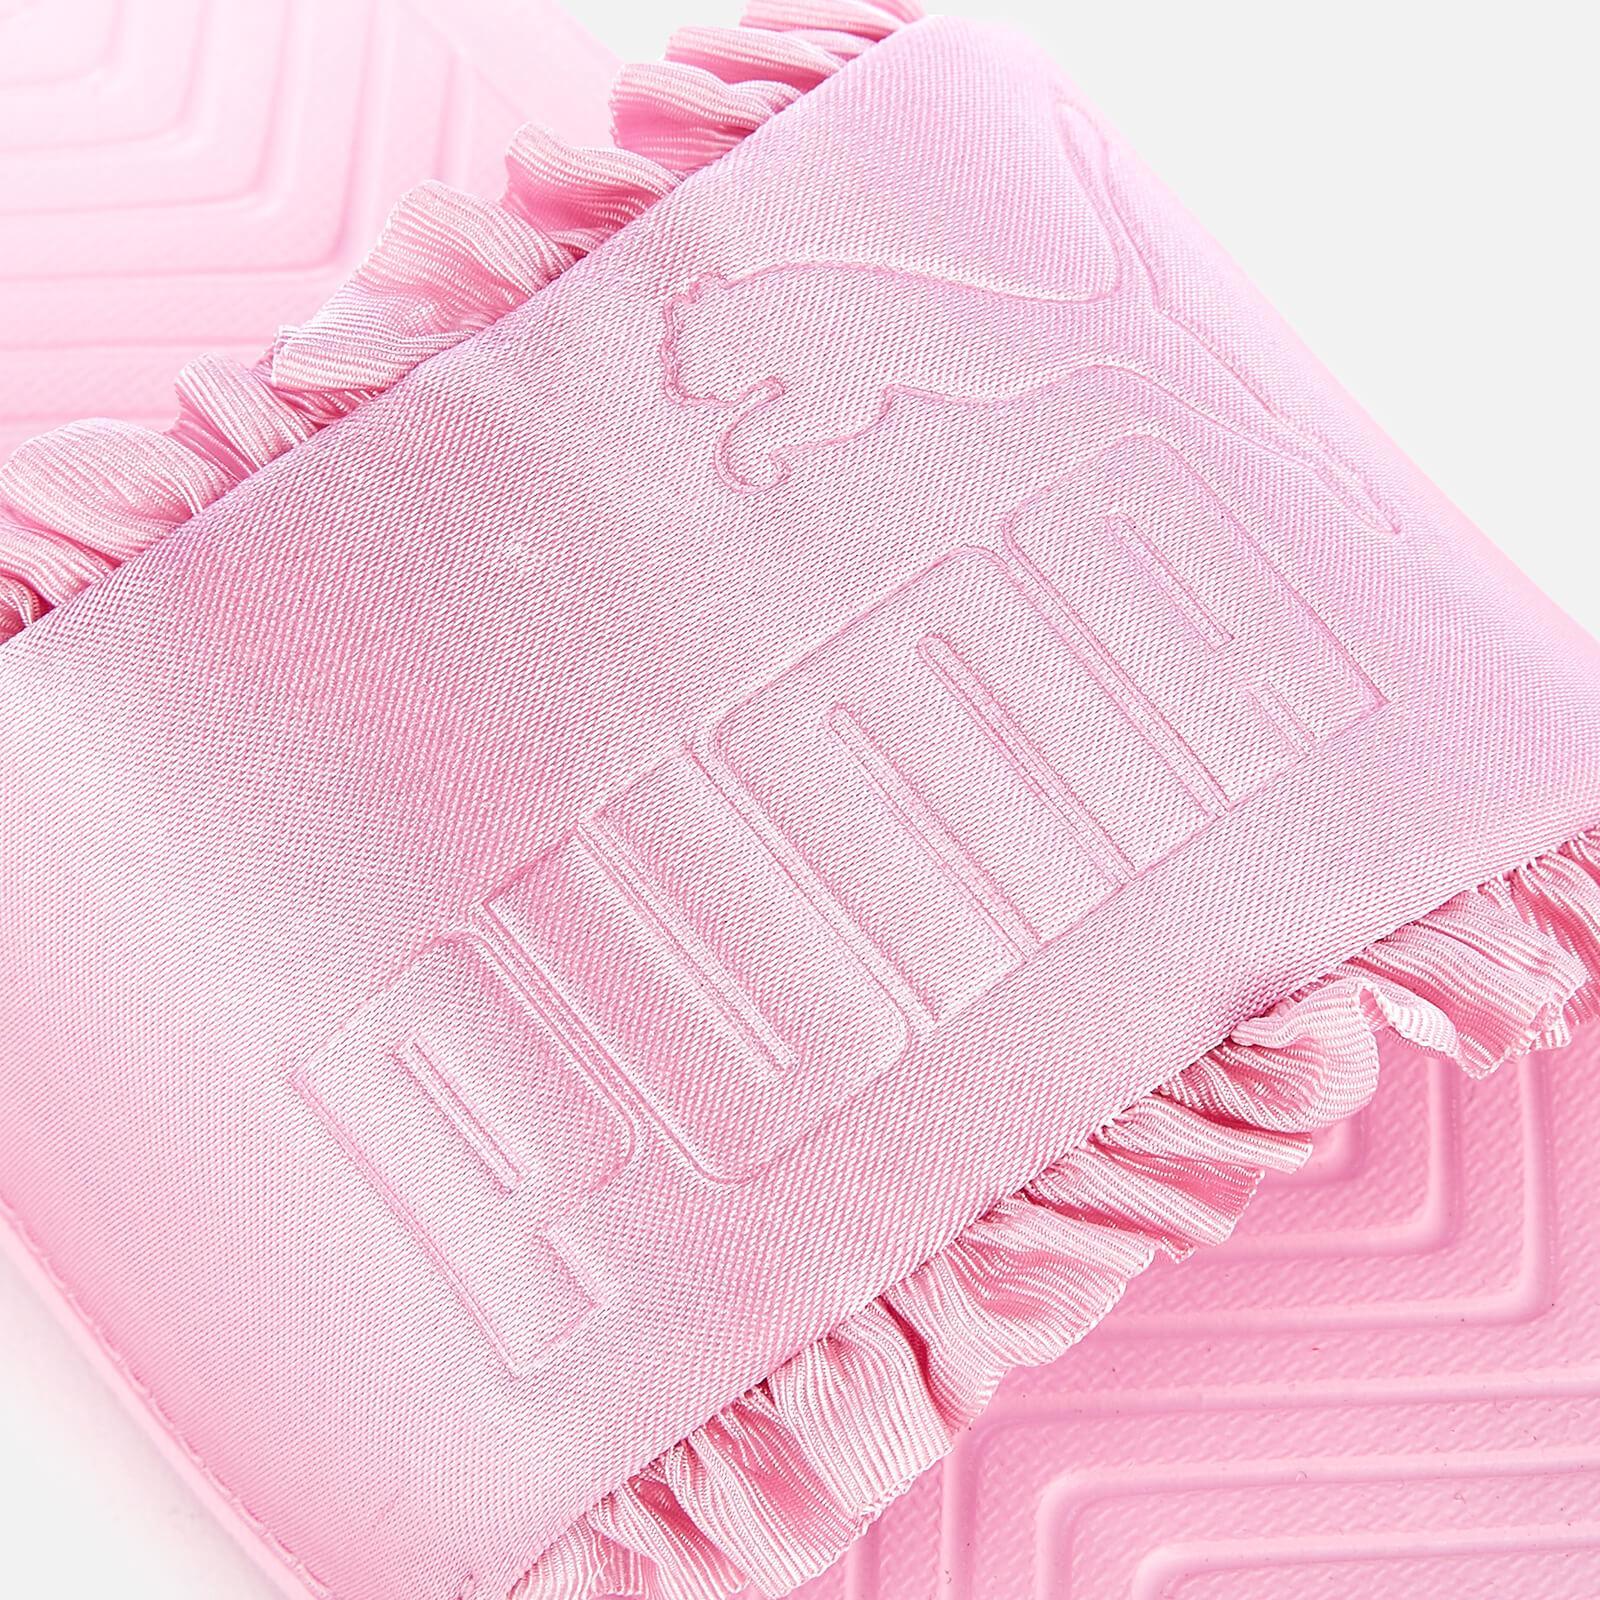 f1108e4c6e PUMA Popcat Silk Slide Sandals in Pink - Lyst